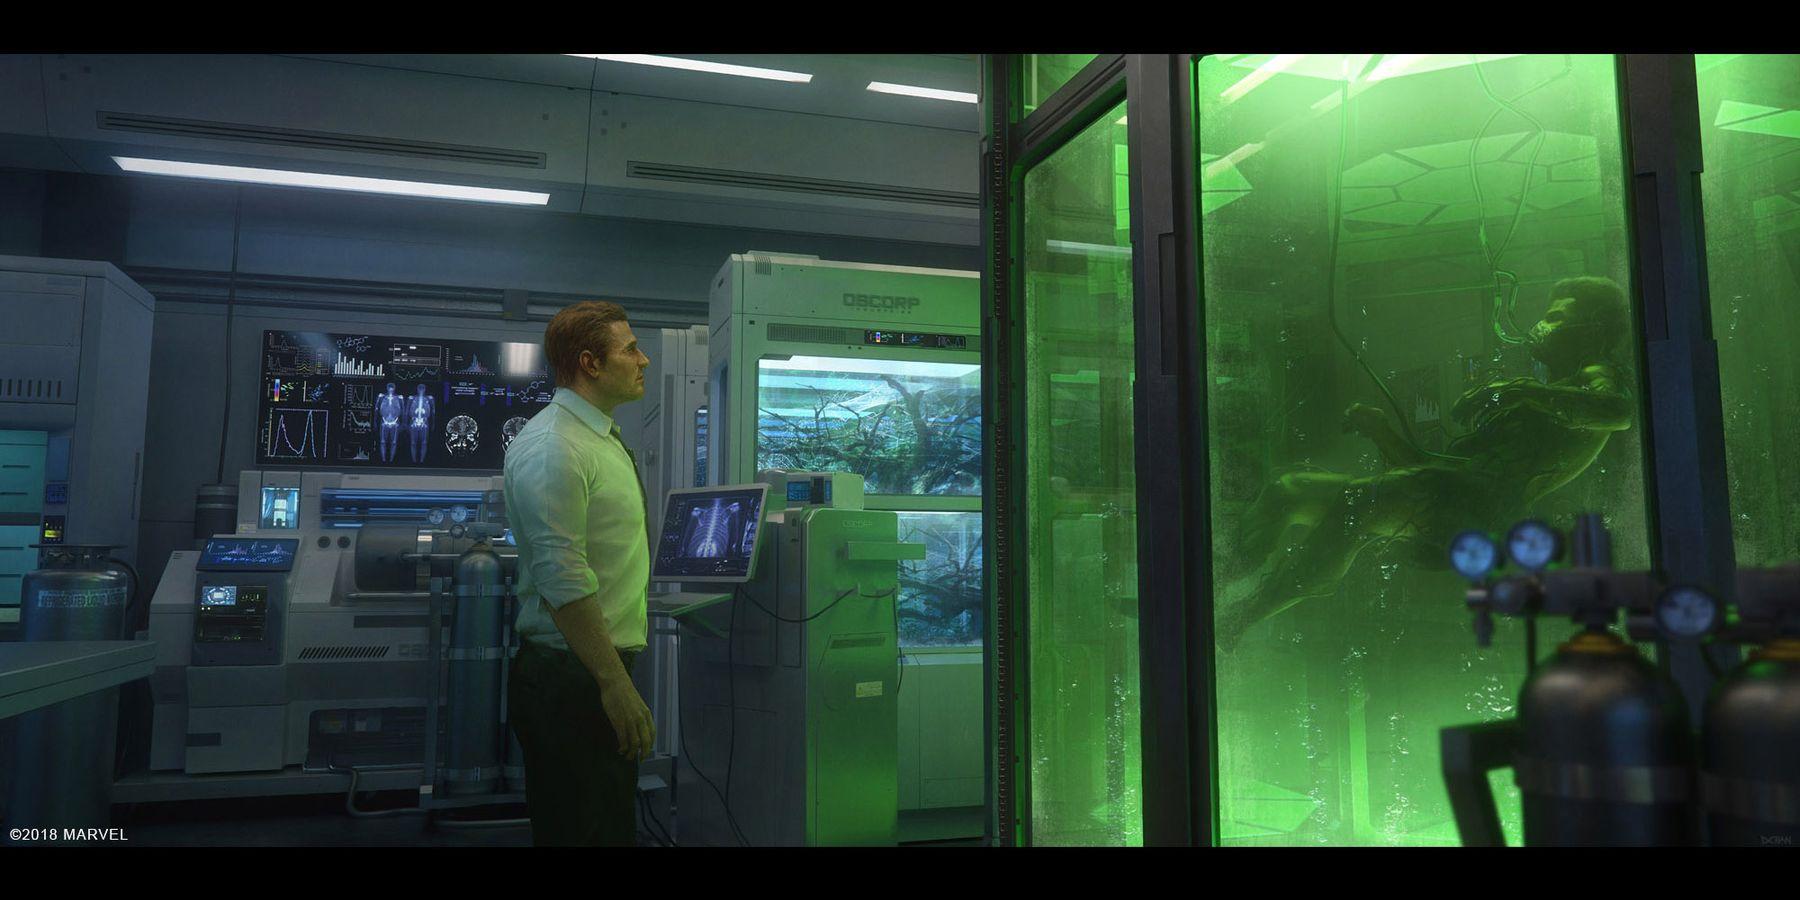 http://conceptartworld.com/wp-content/uploads/2019/01/Spider-Man-PS4-Game-Concept-Art-Dennis-Chan-Harry_Teaser_concept_final_v02_insta.jpg